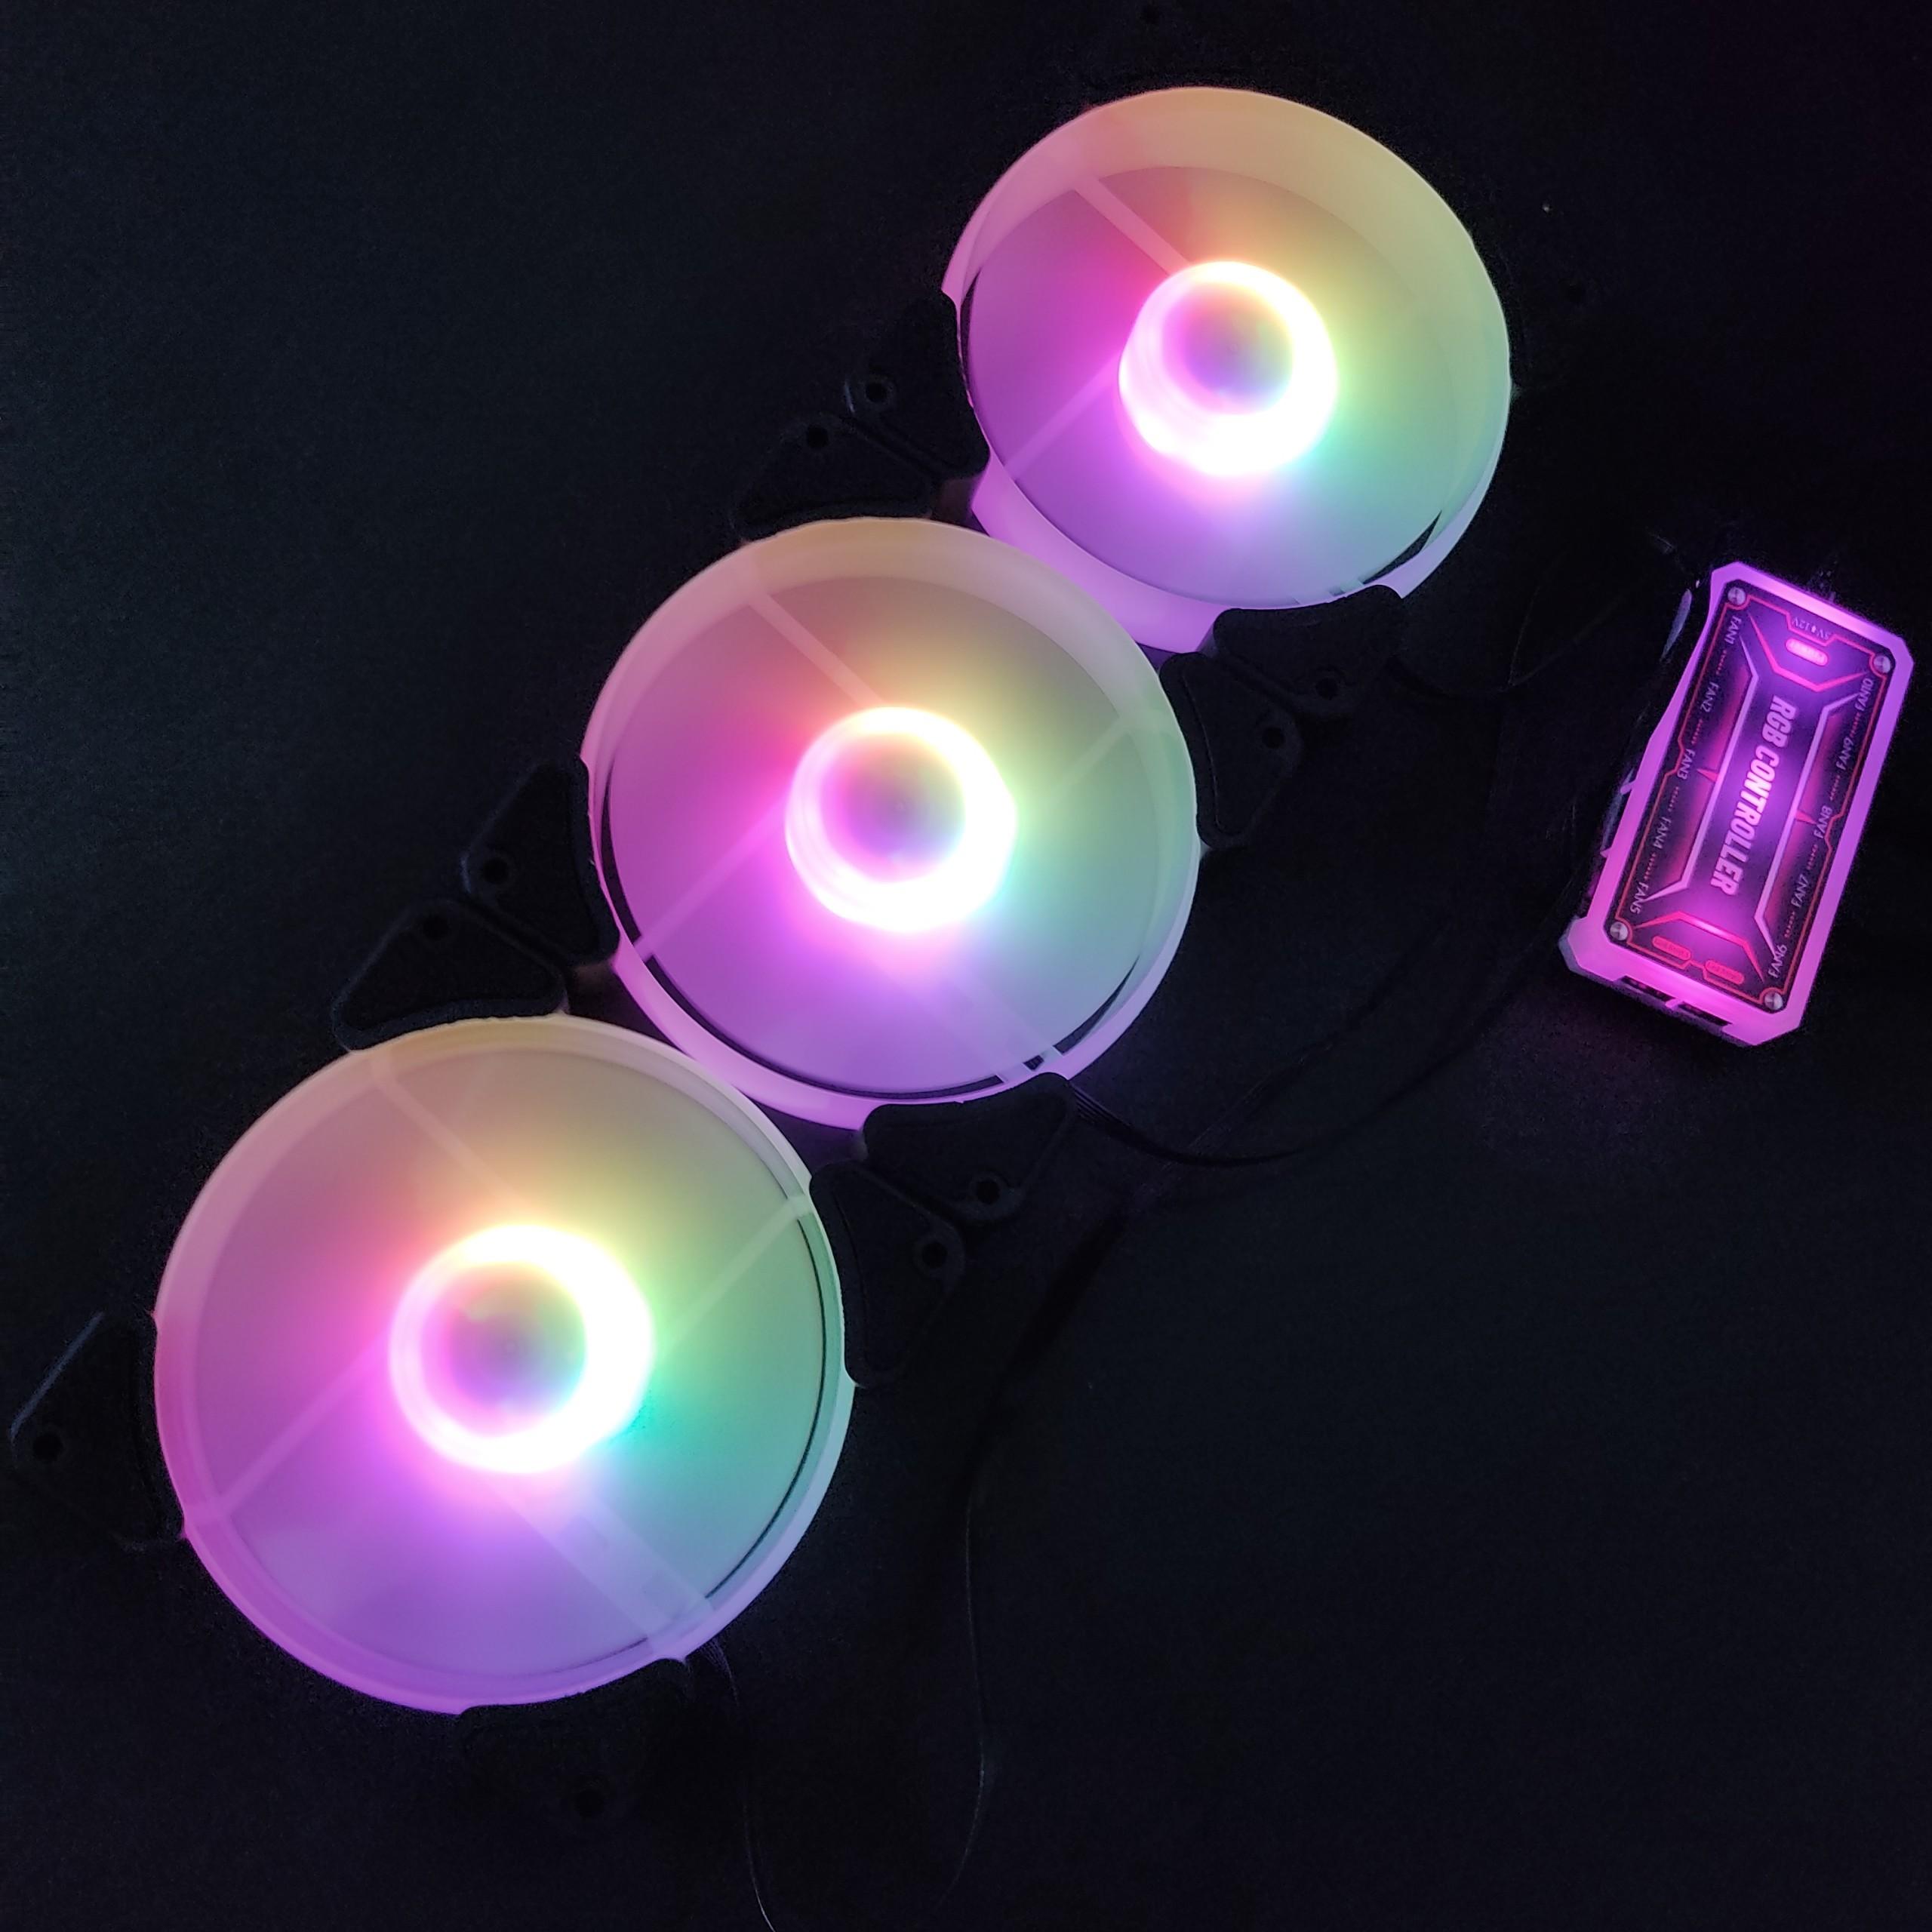 3 quạt tản nhiệt, Fan case KNC X Y1 Led RGB, quạt 12cm, kèm bộ Hub khiển Led ARGB chỉnh màu từ xa